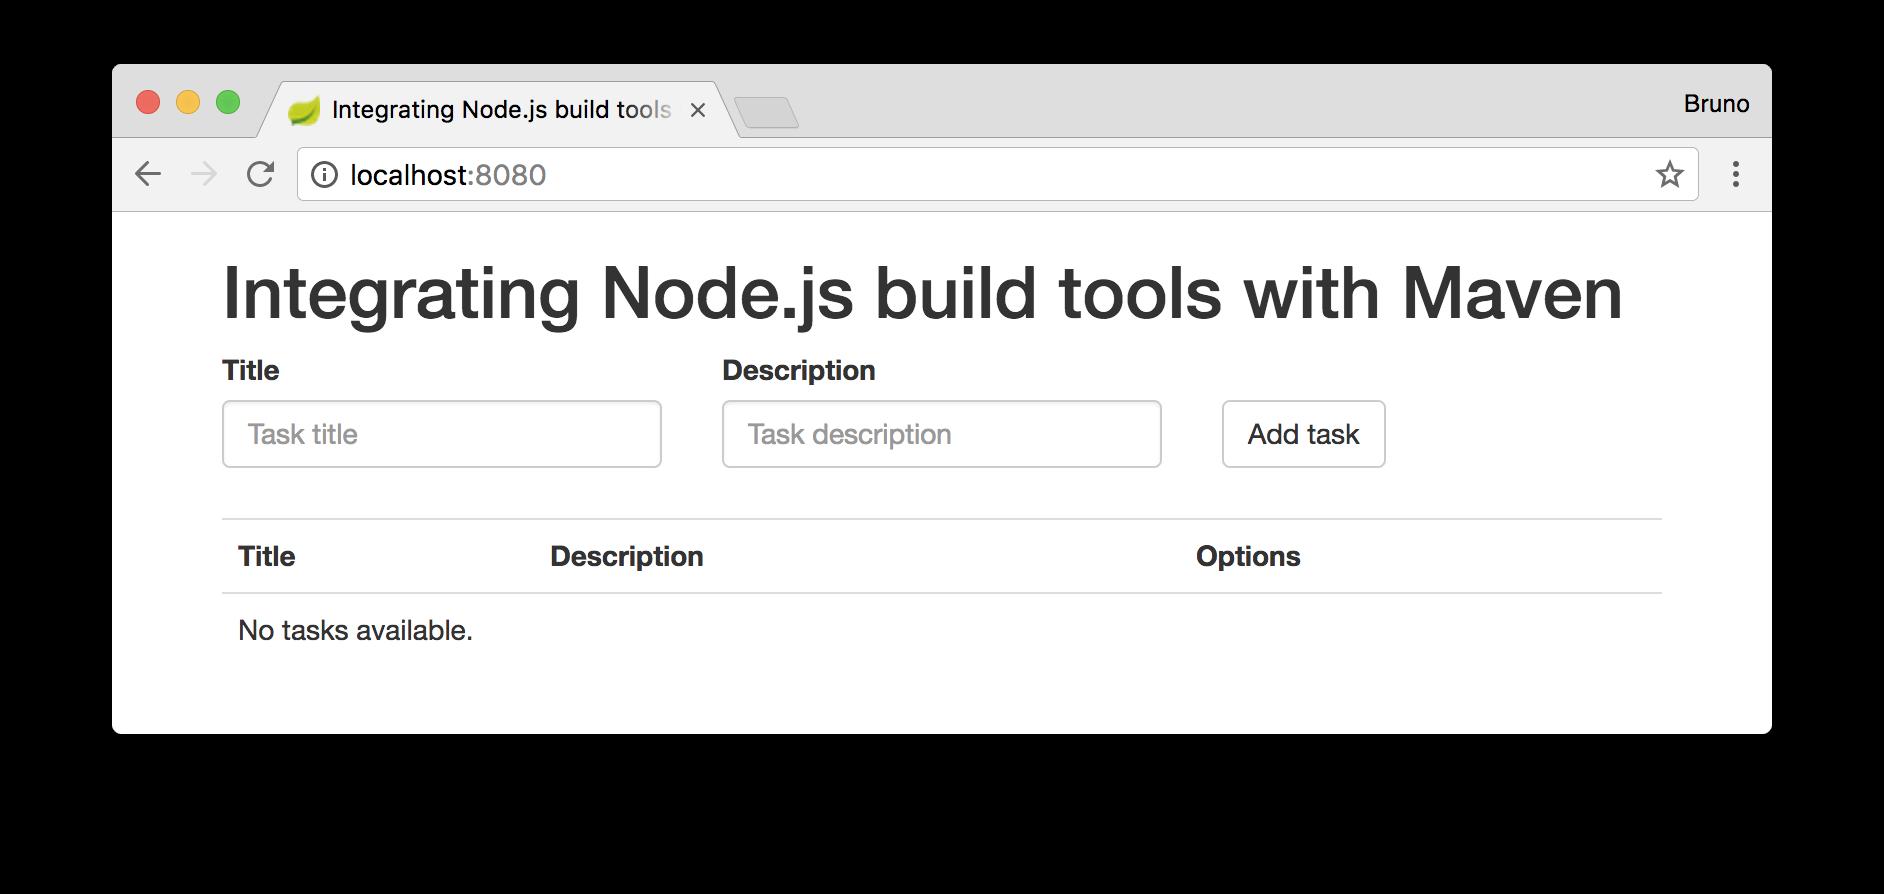 Integrating Node.js Build Tools with Maven